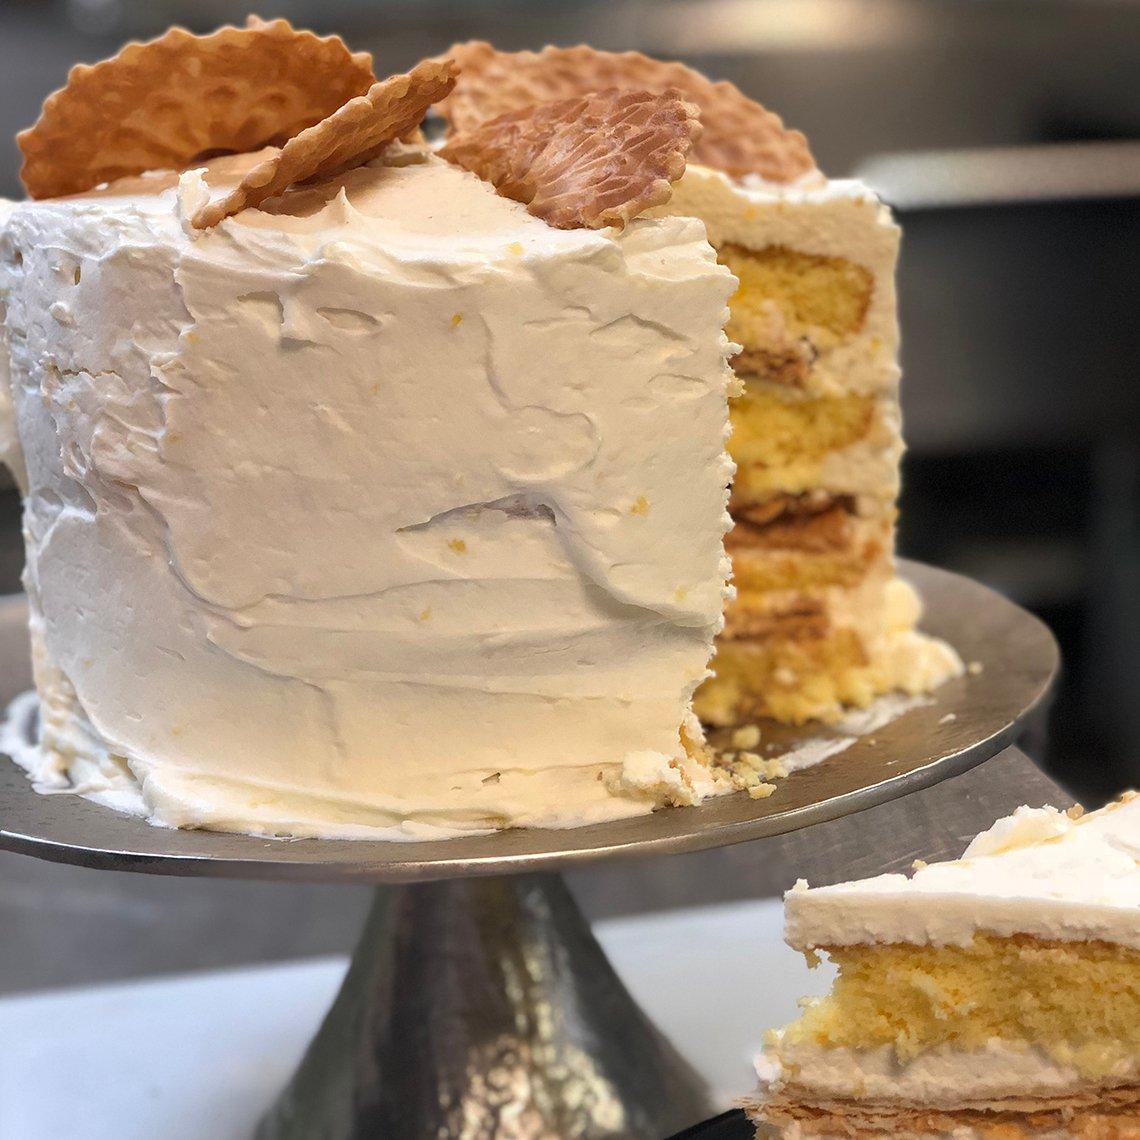 Pastel amarillo con glaseado blanco en una fuente de servir